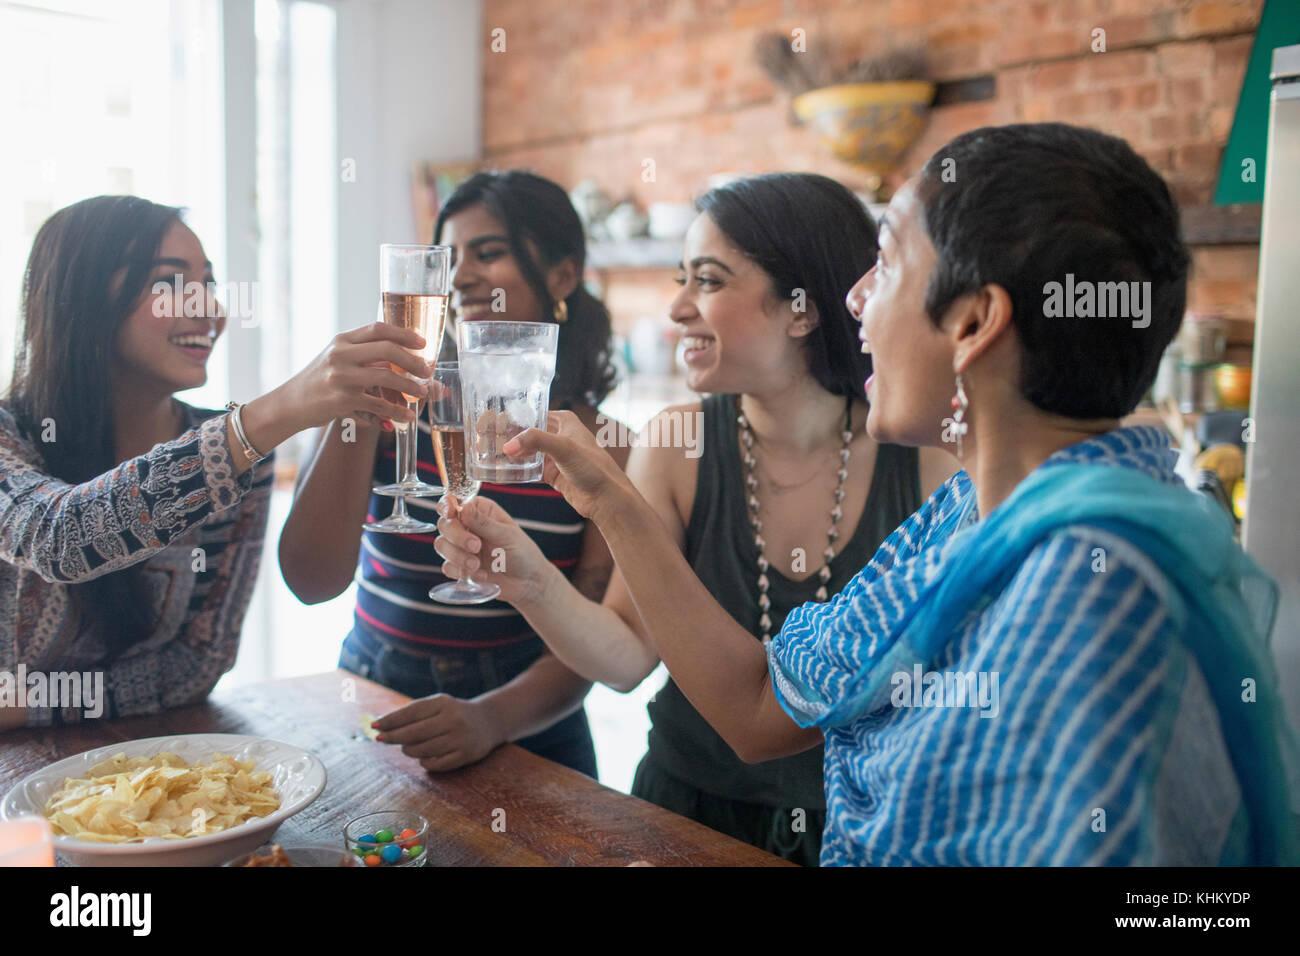 Junge Frauen, die einen Toast auf einer Party Stockbild